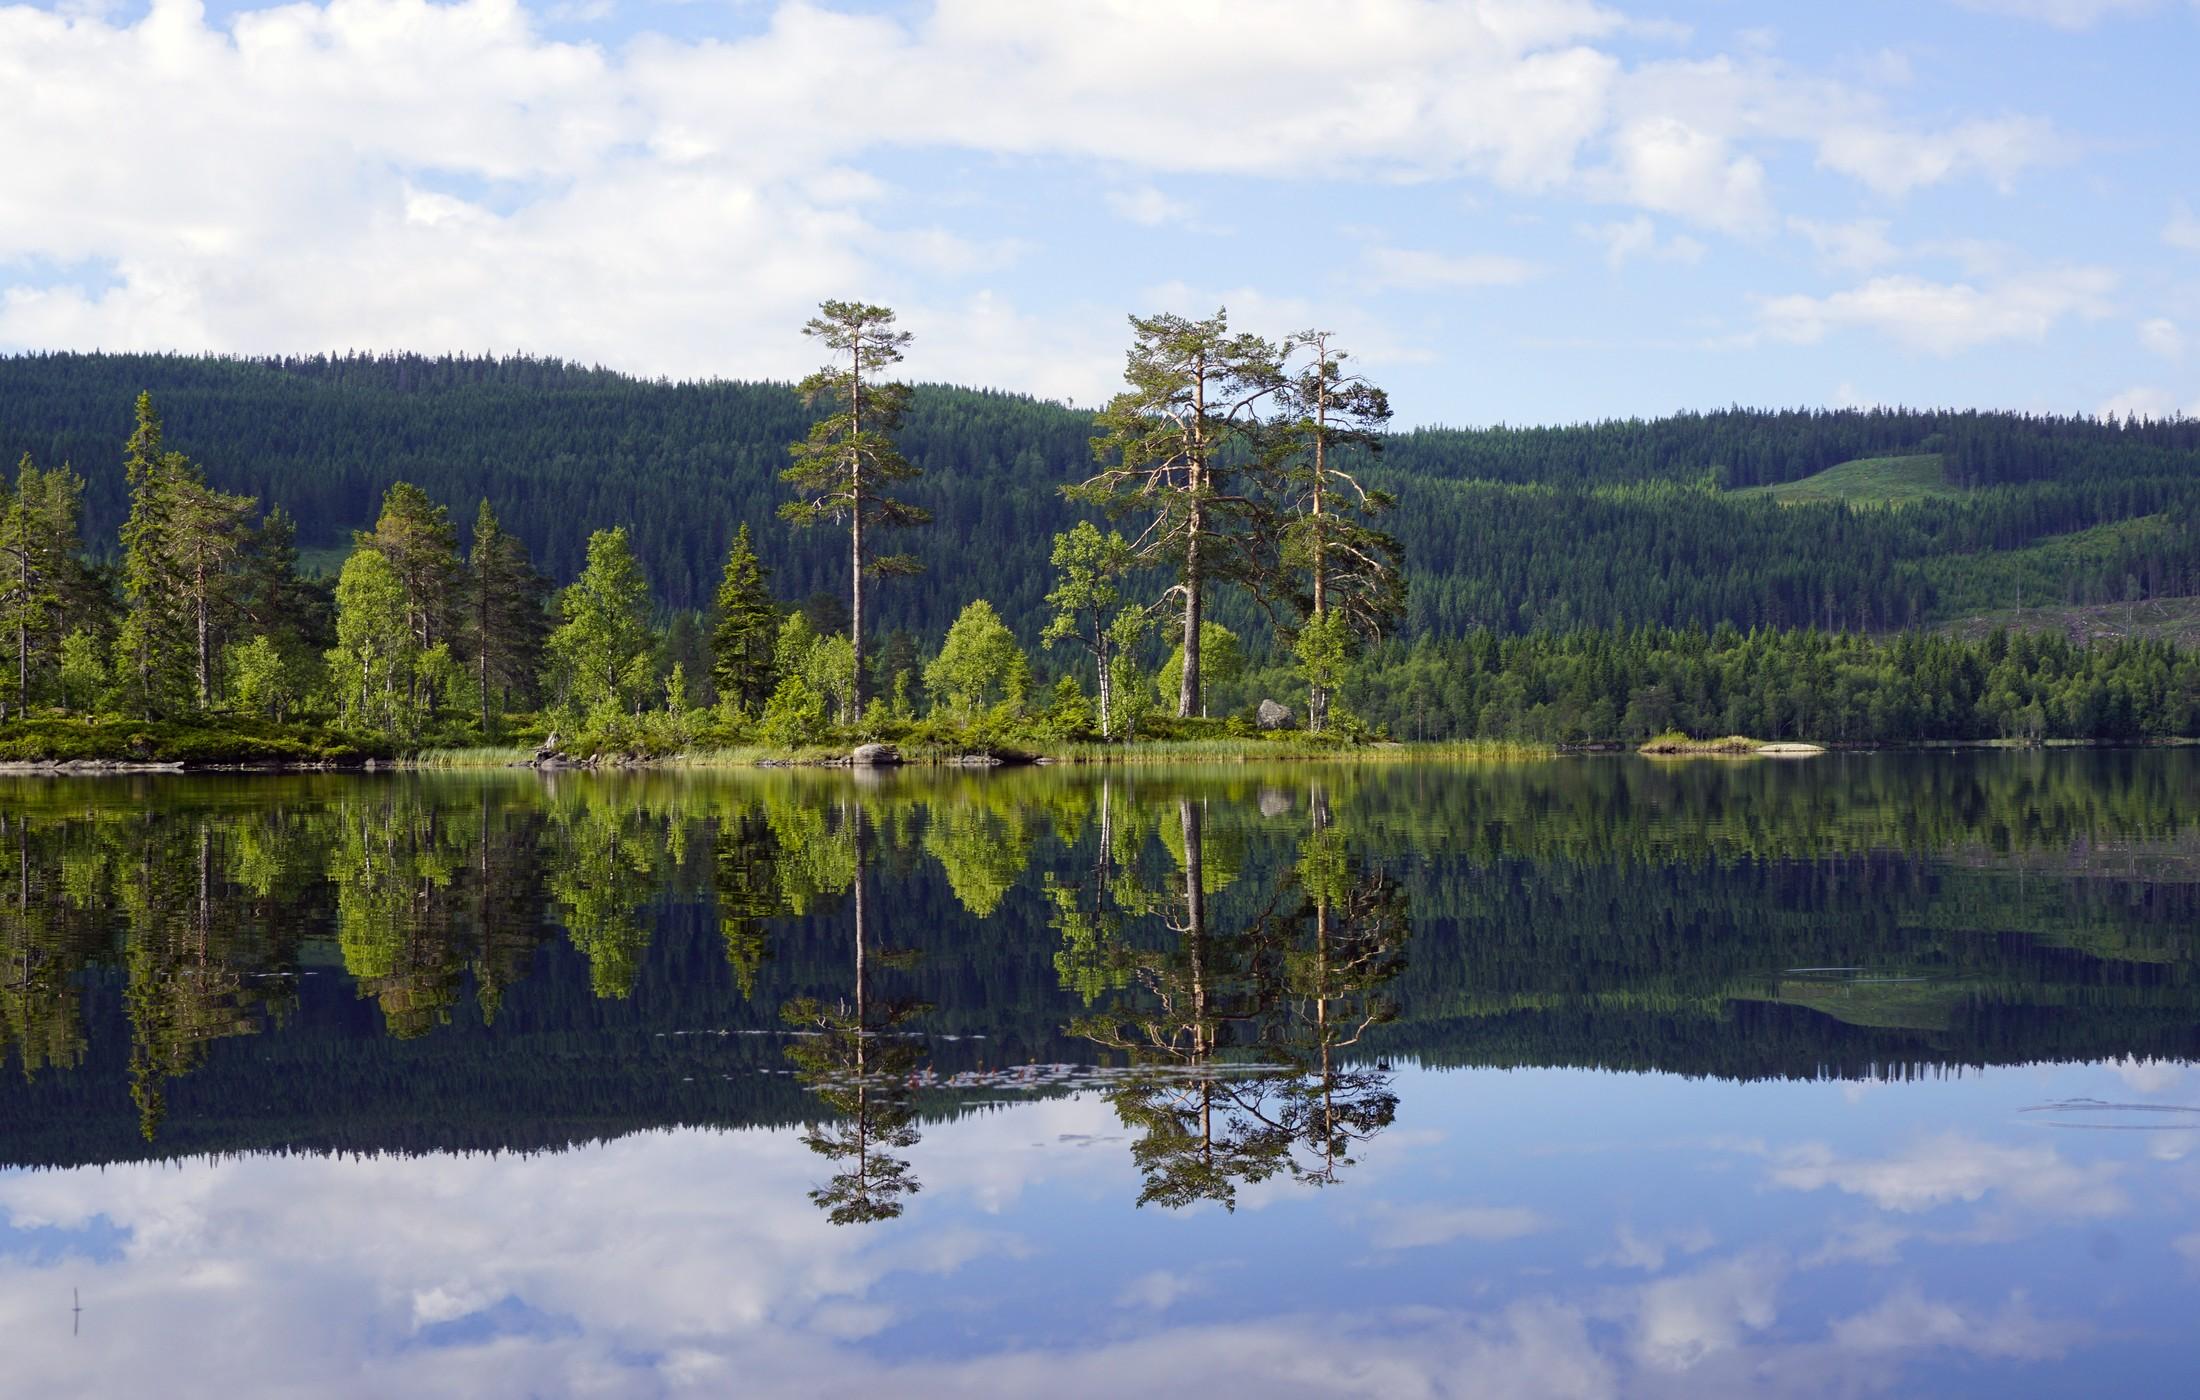 Lake Vesleflåtan at Krokskogen (Photo: VisitOslo/Tord Baklund))